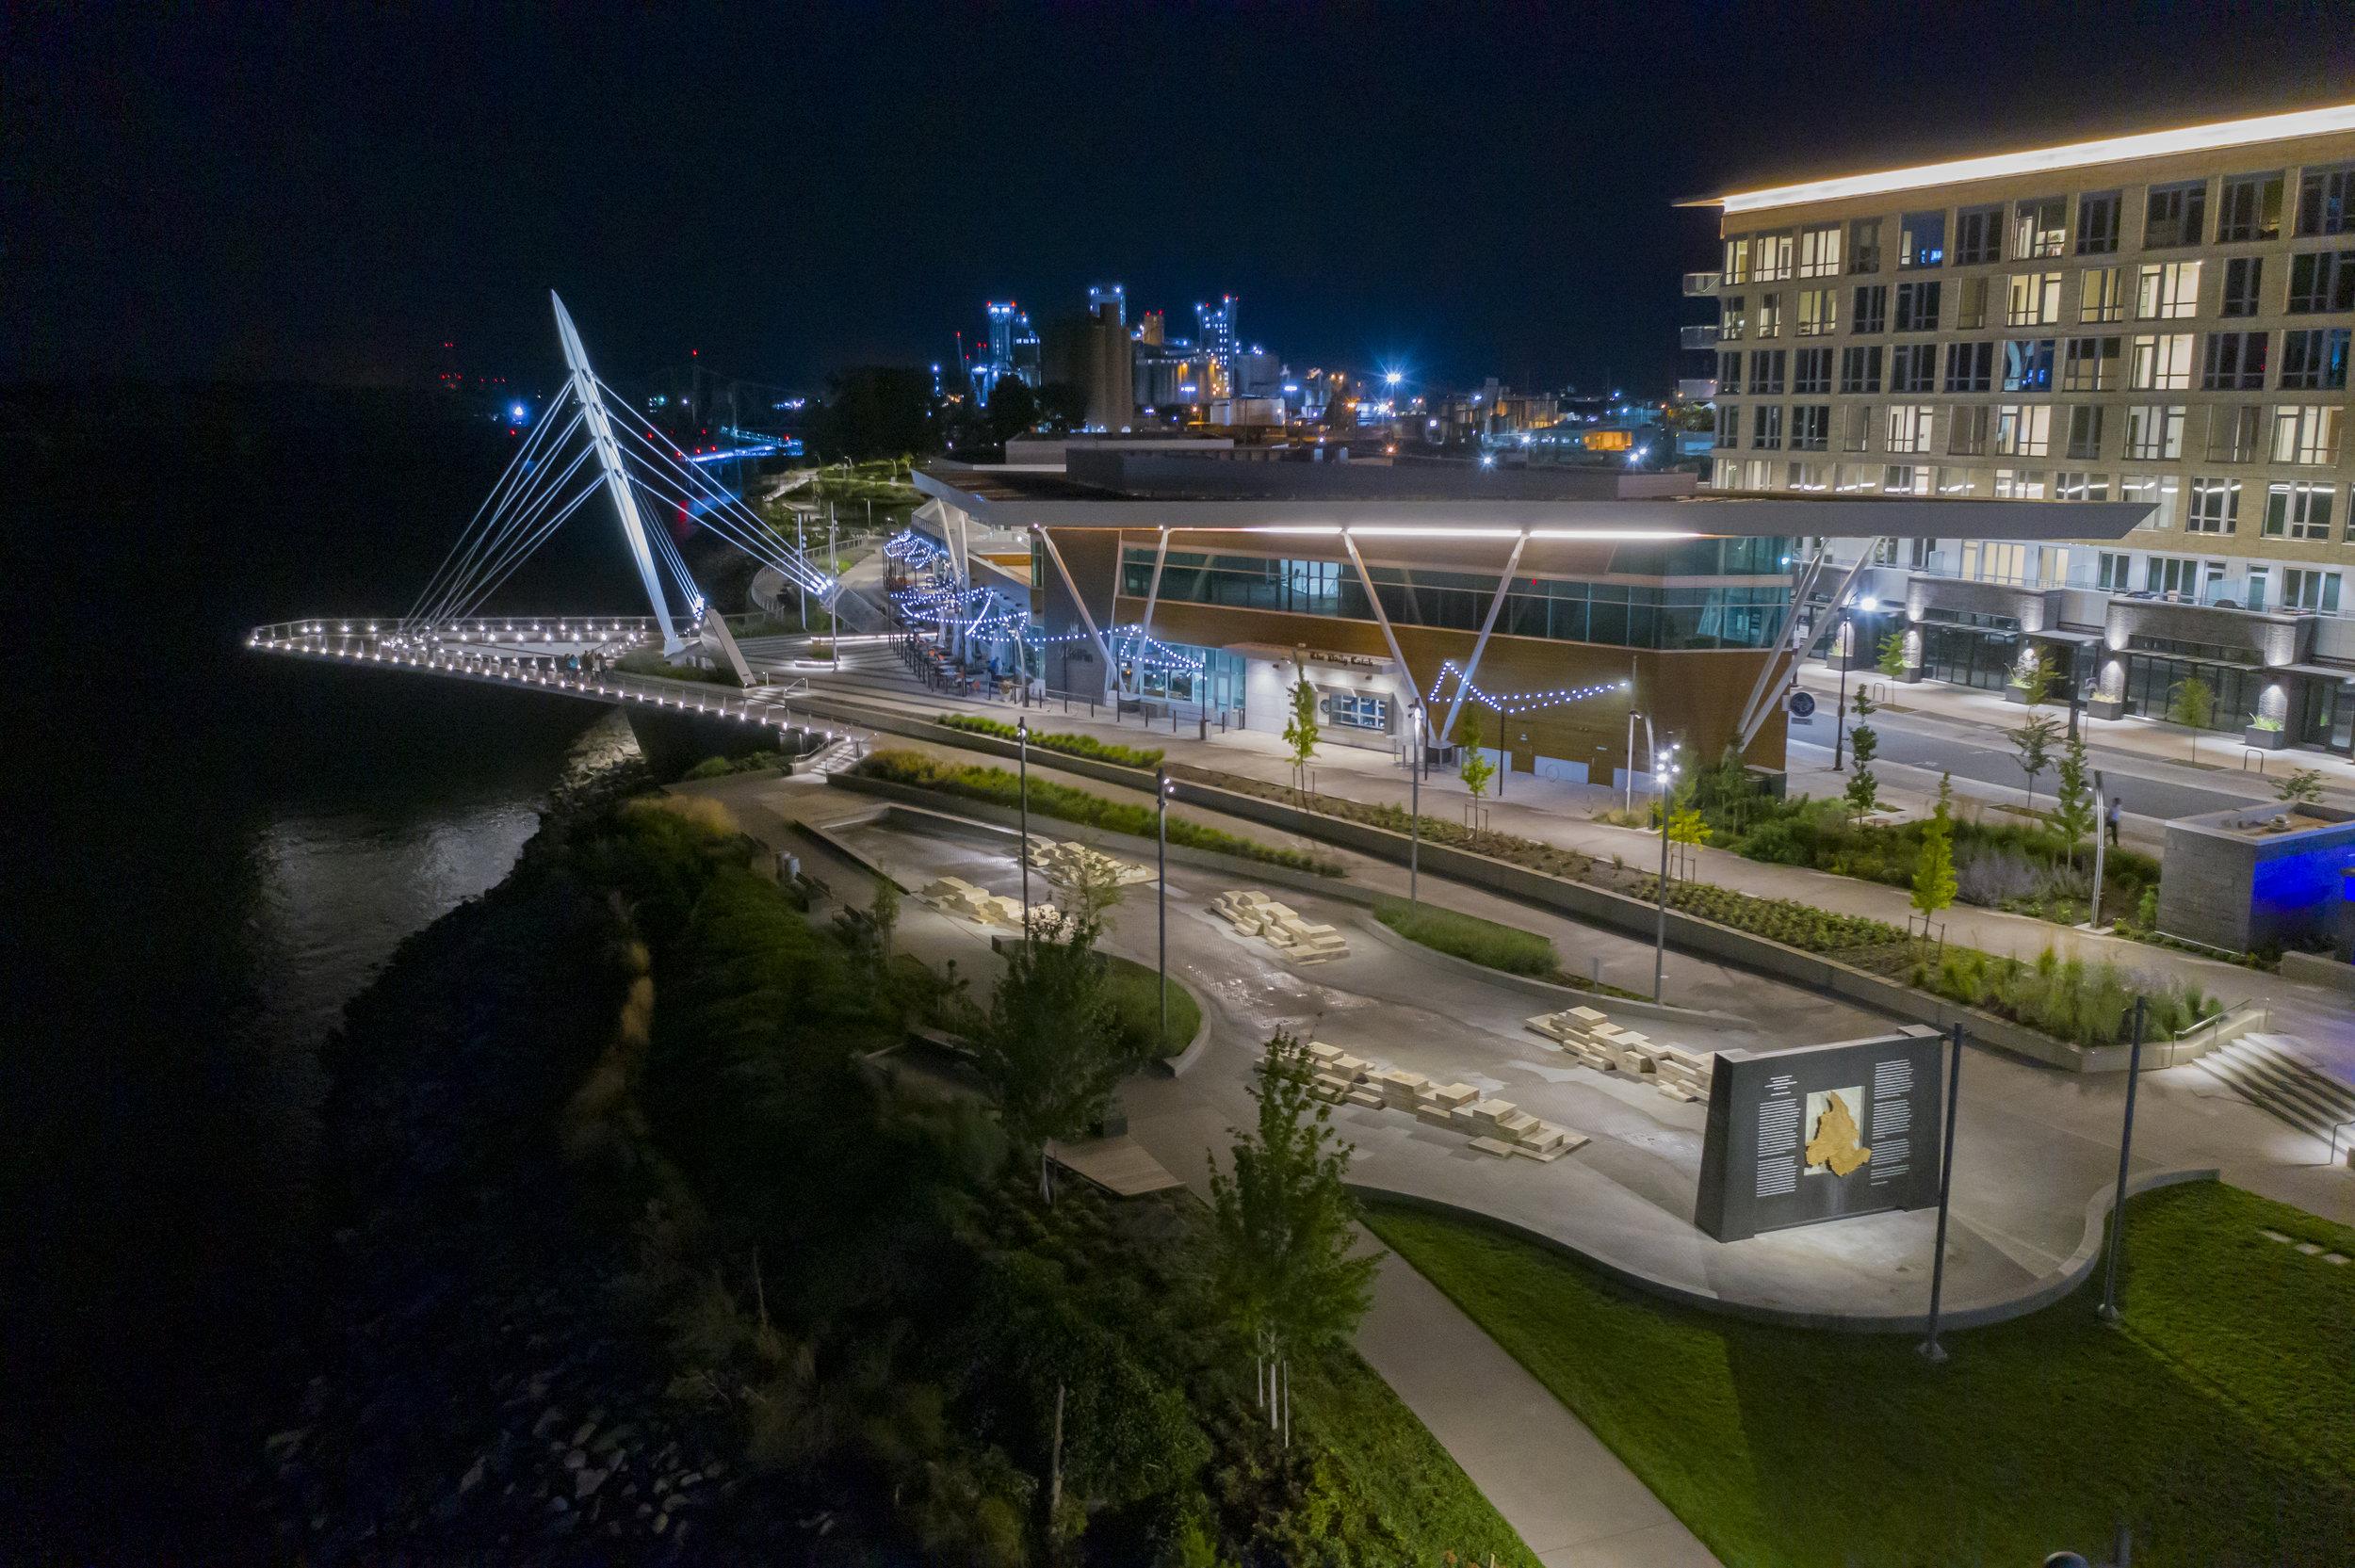 vancouver_waterfront park fountain_larry kirkland_public art services_j grant projects_33.jpg